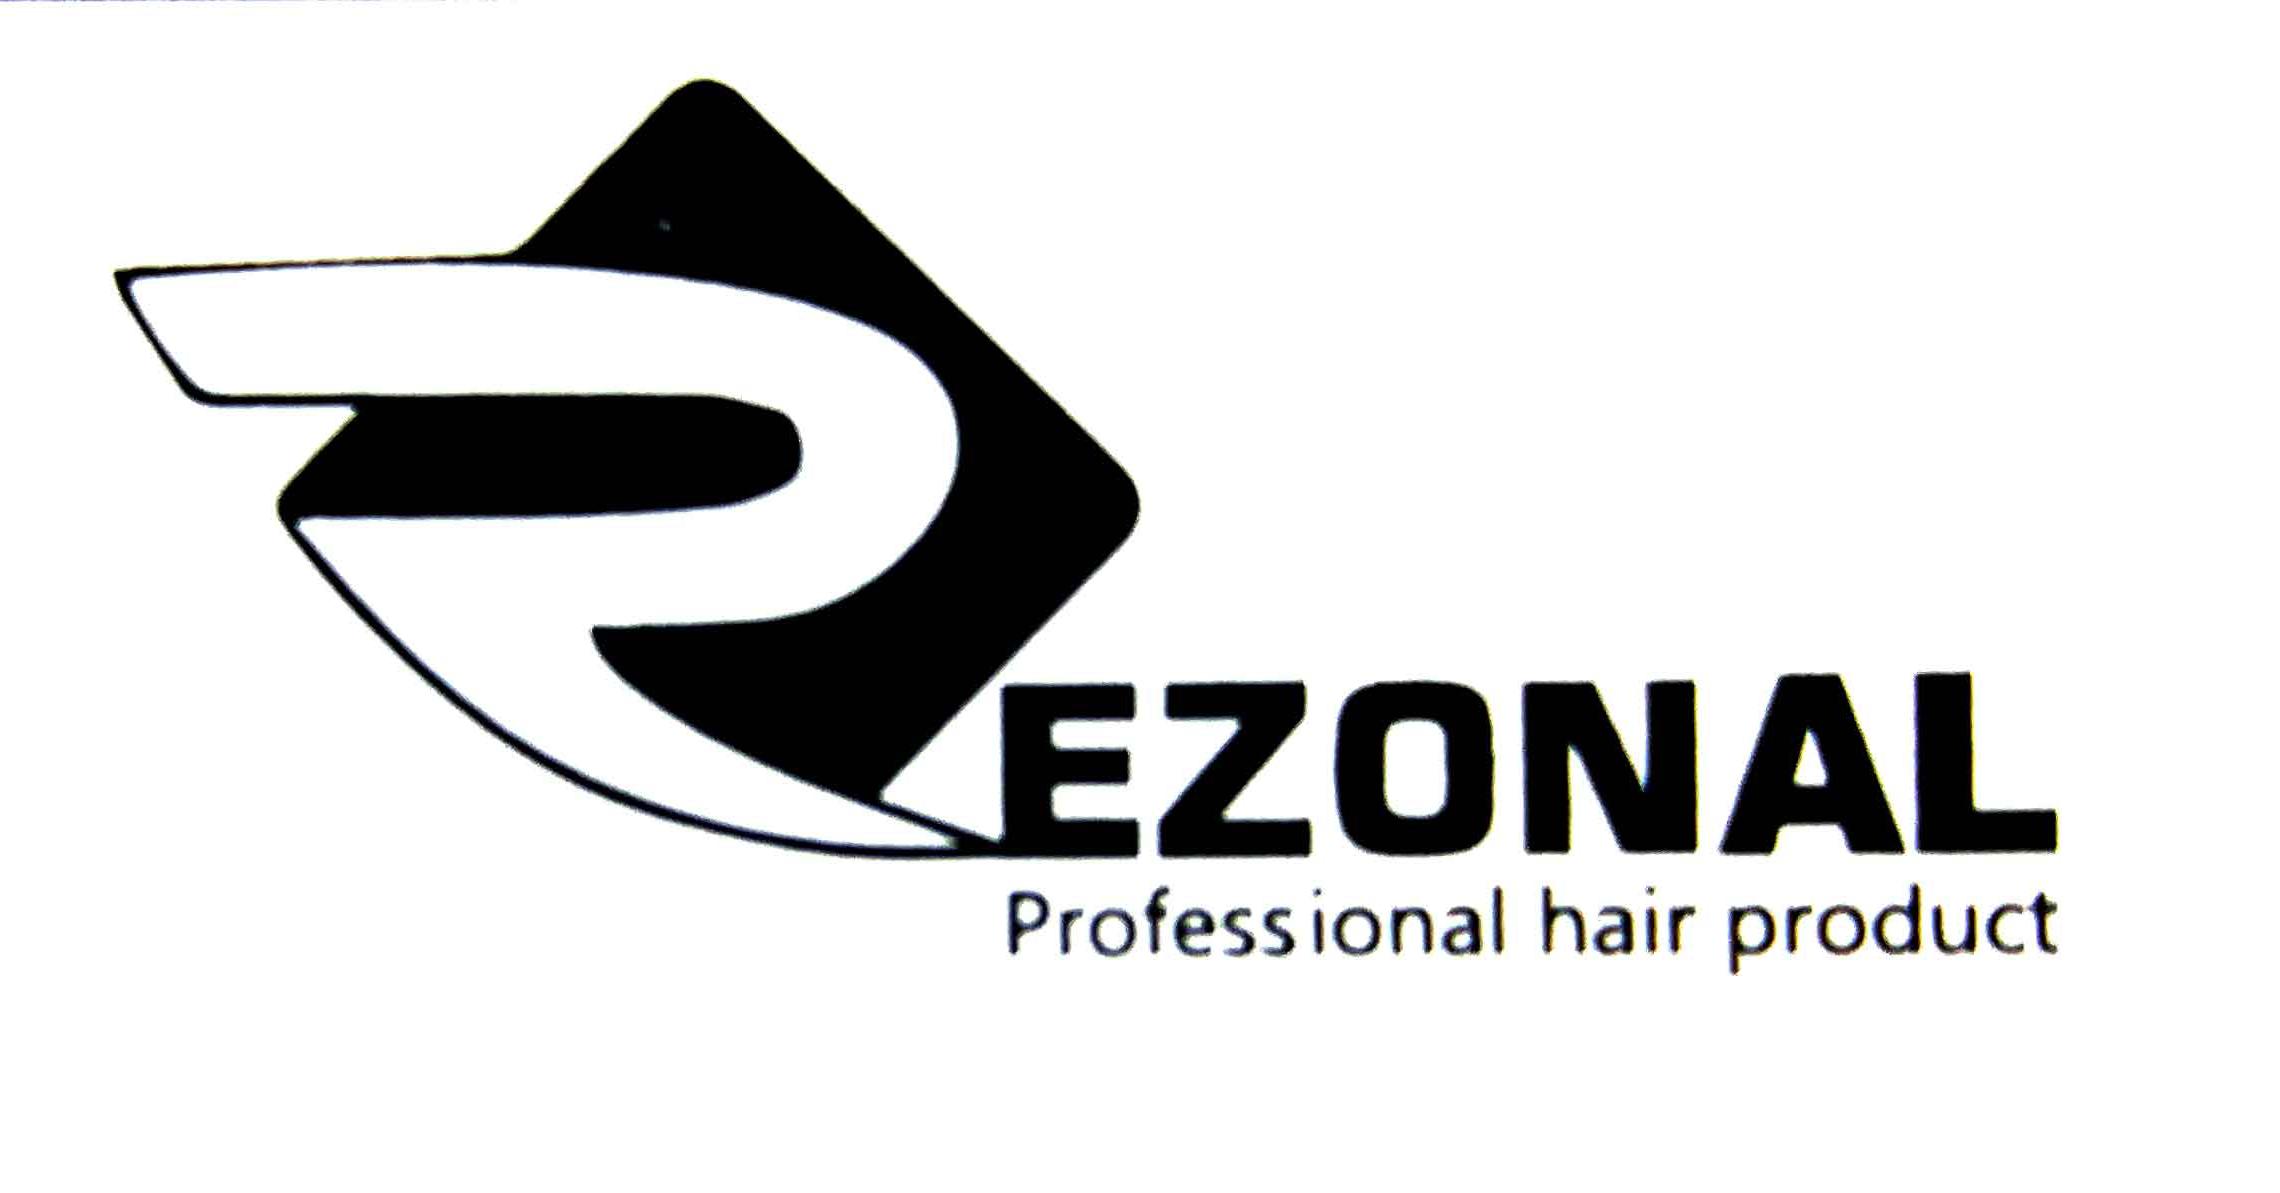 پیرامو نماینده اصلی محصولات رزونال